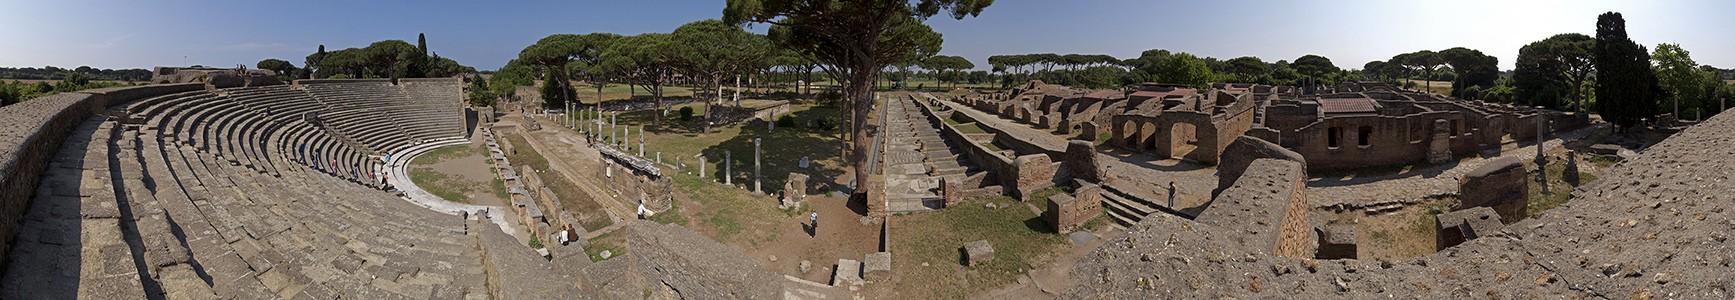 Ostia Antica: Theater, Forum der Zünfte mit dem Ceres-Tempel, Thermen des Neptun